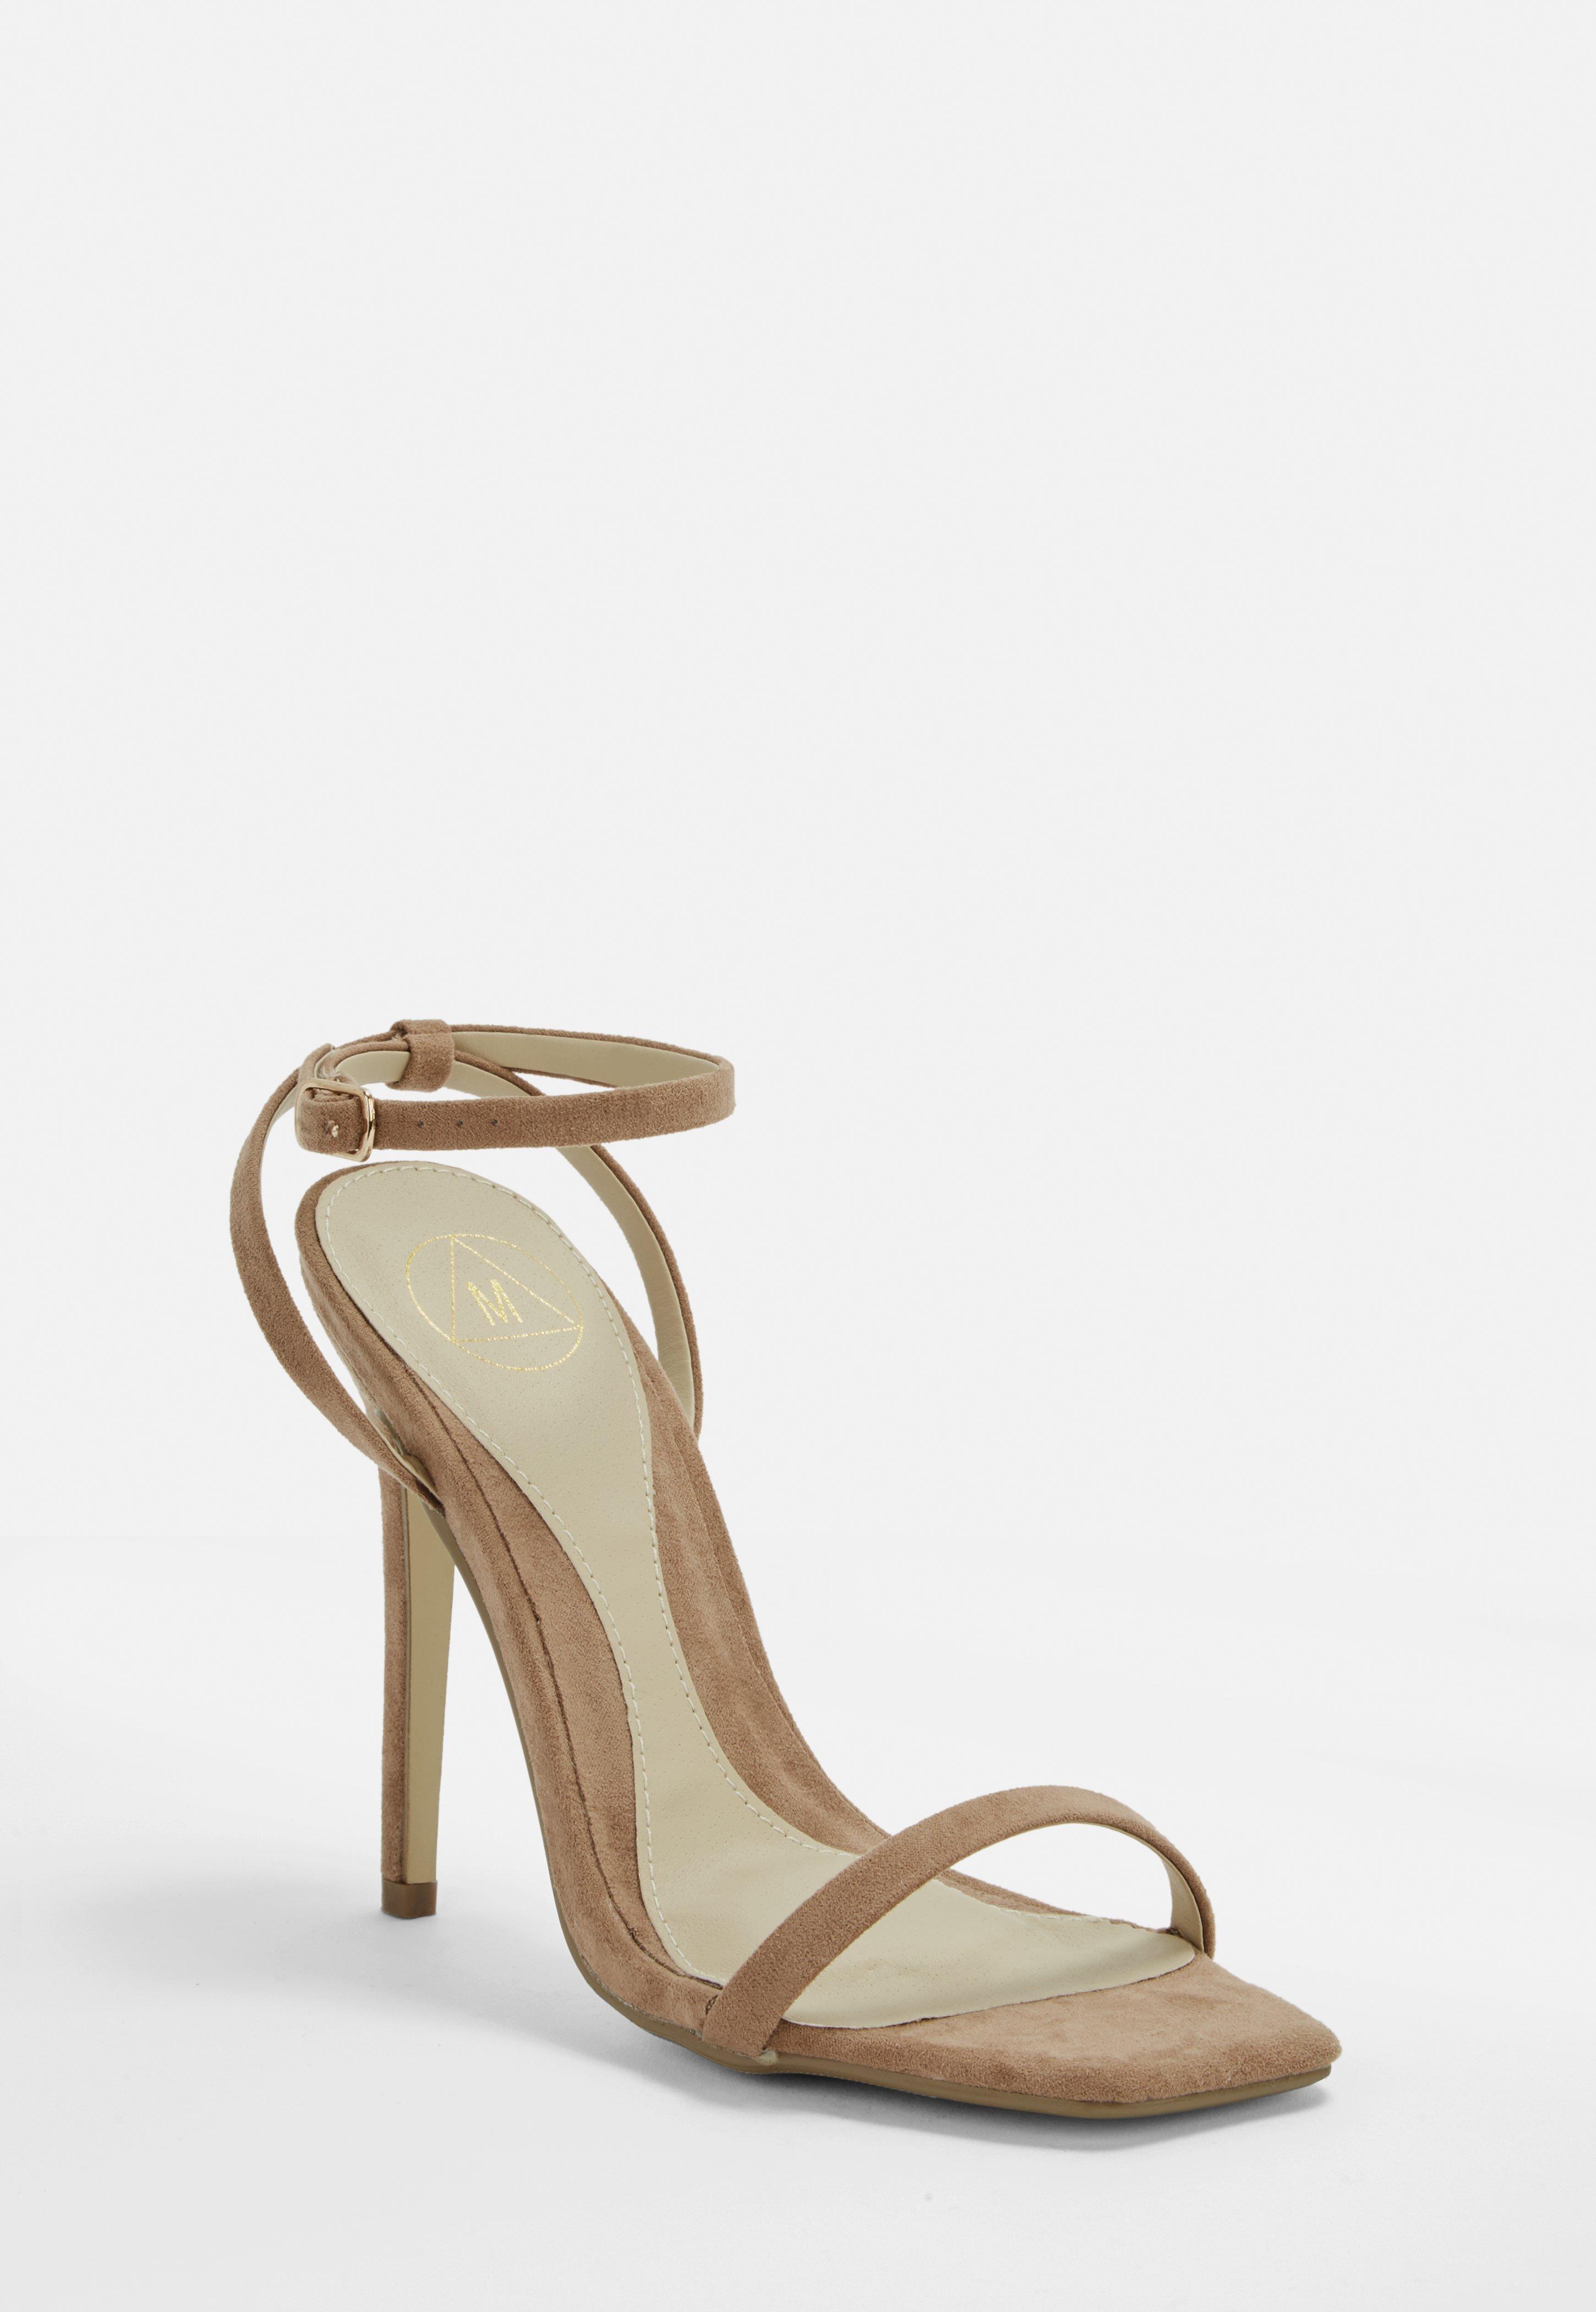 68e2fd8e7ec Heeled Sandals